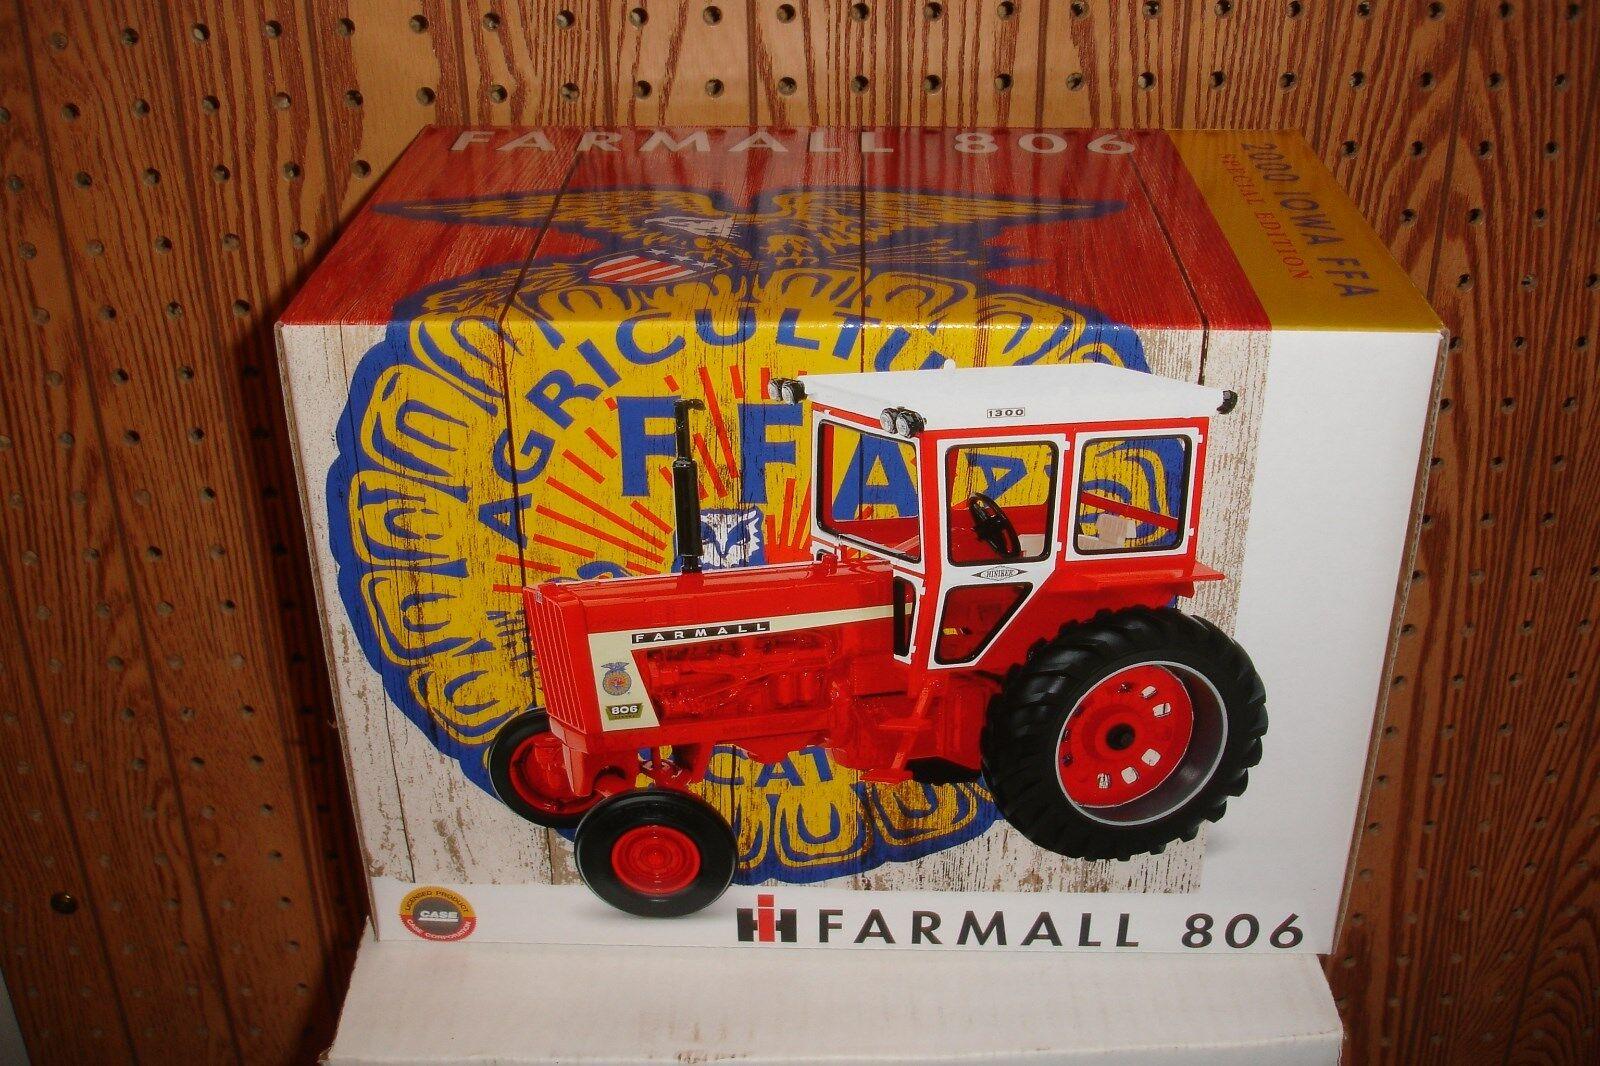 1 16 farmall  806 with hinerker cab iowa ffa